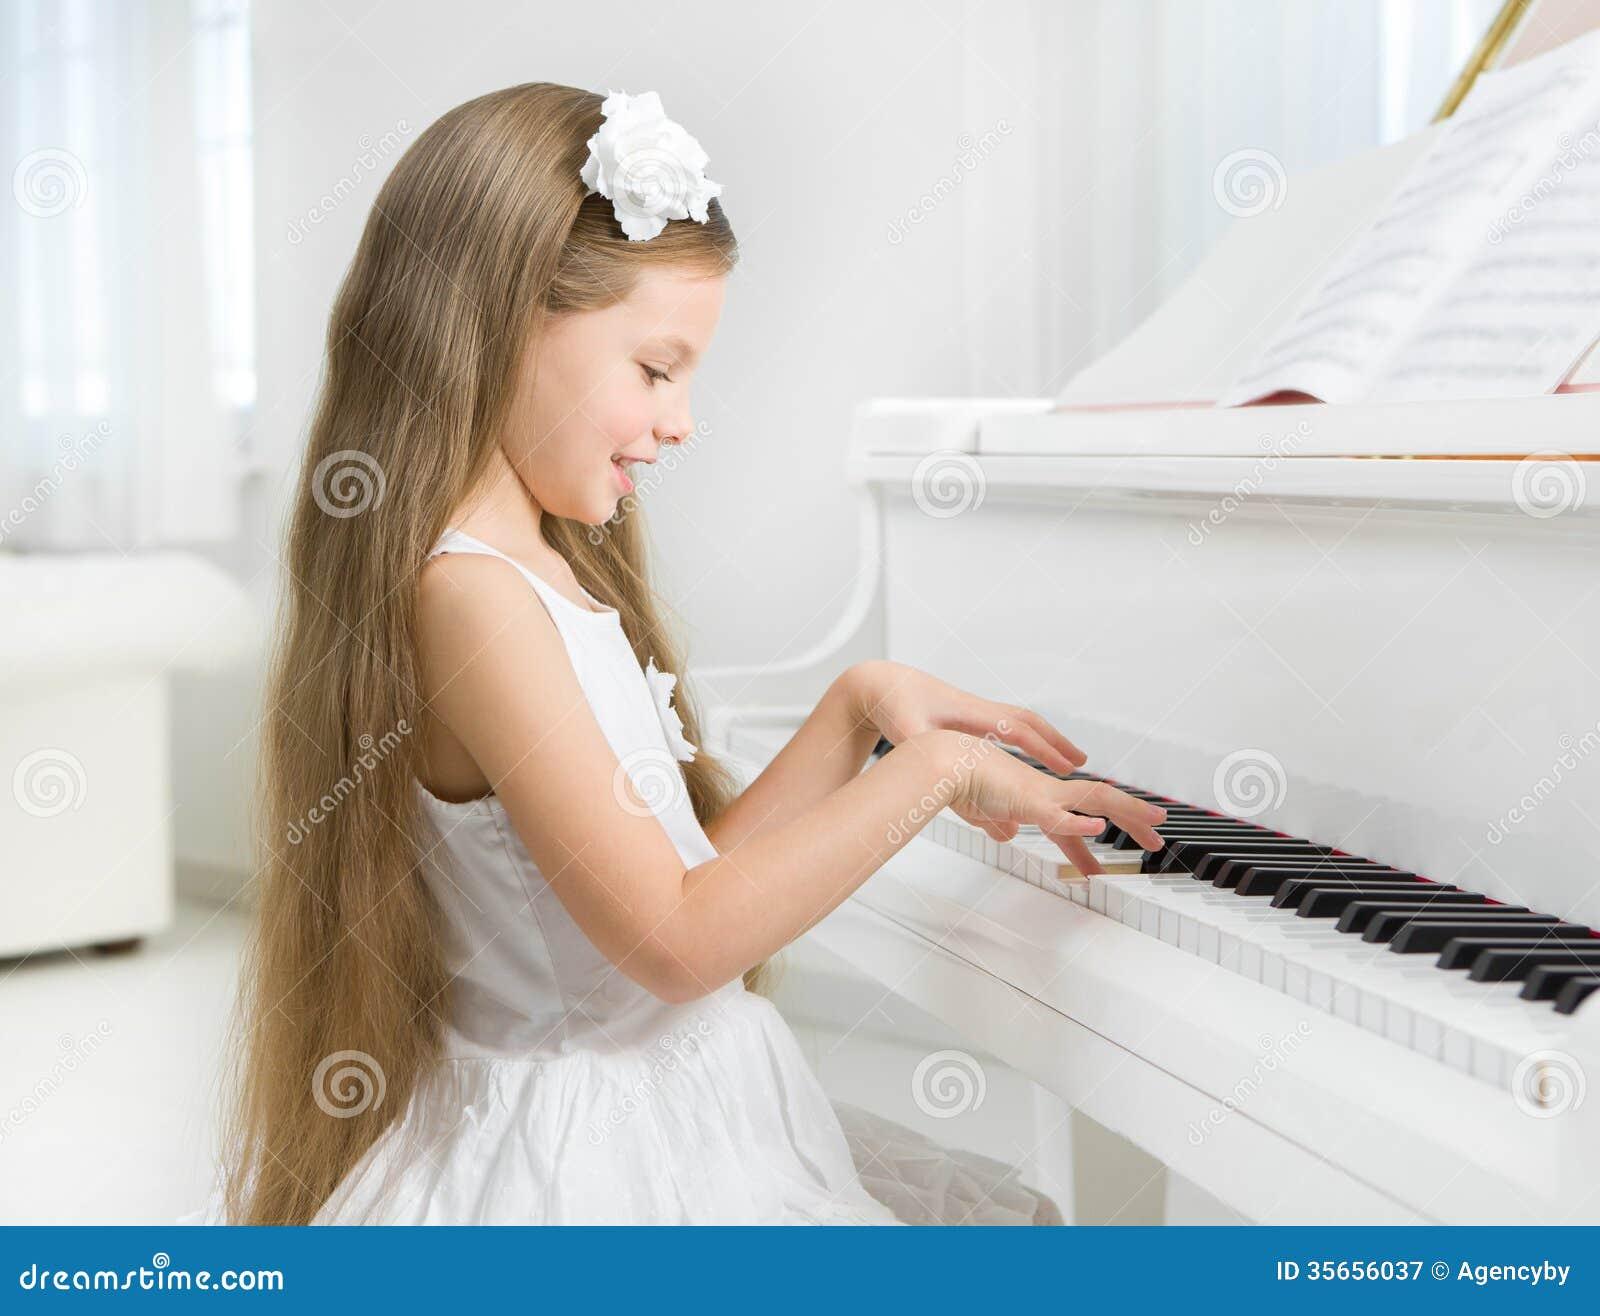 Profil av lilla flickan i den vita klänningen som spelar pianot